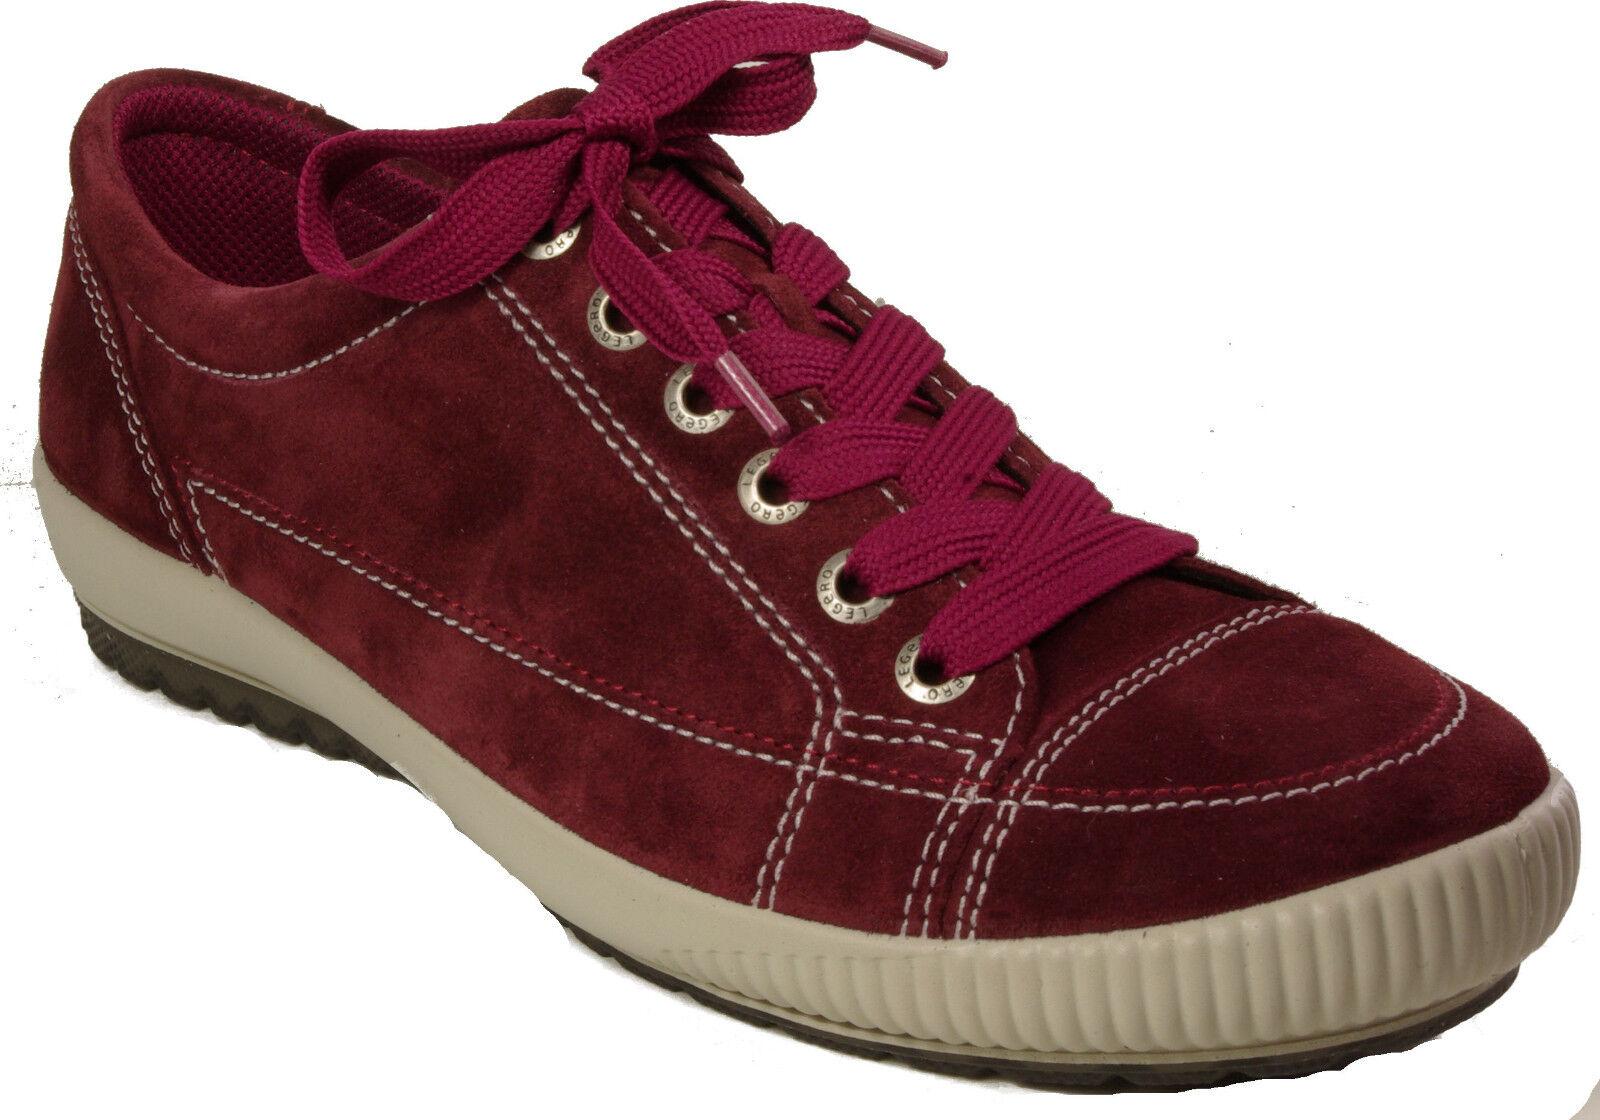 Legero zapatos zapatillas zapato bajo schnürzapatos rojo rojo rojo rubin cuero cambio plantilla nuevo  buscando agente de ventas